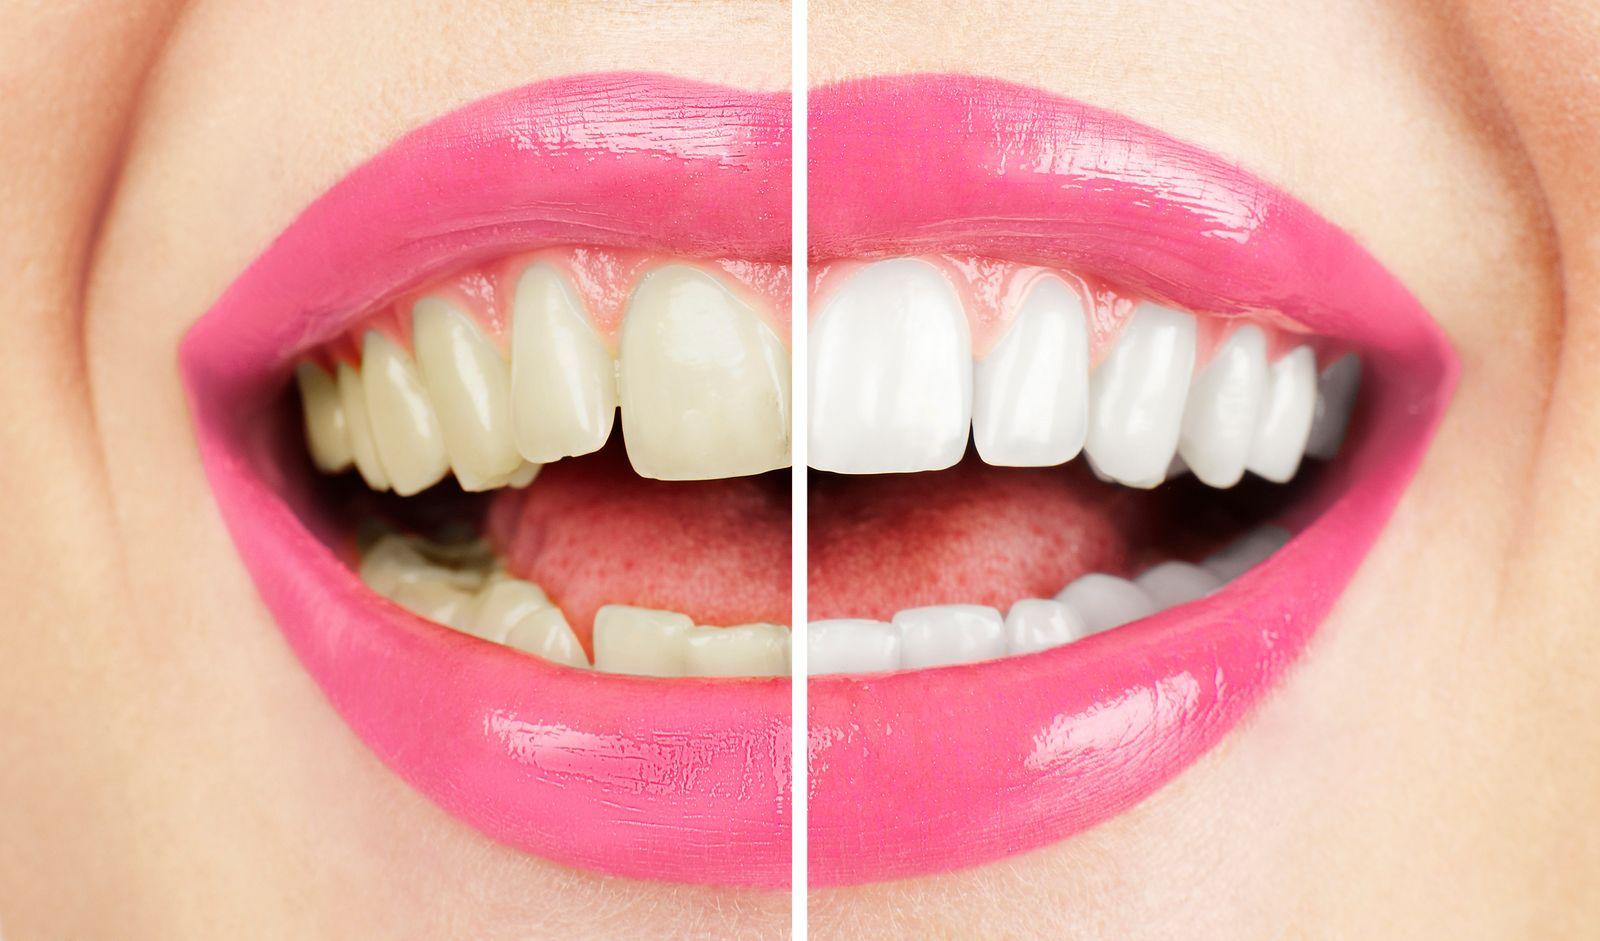 sourire blanchiment dentaire résultat avant/après